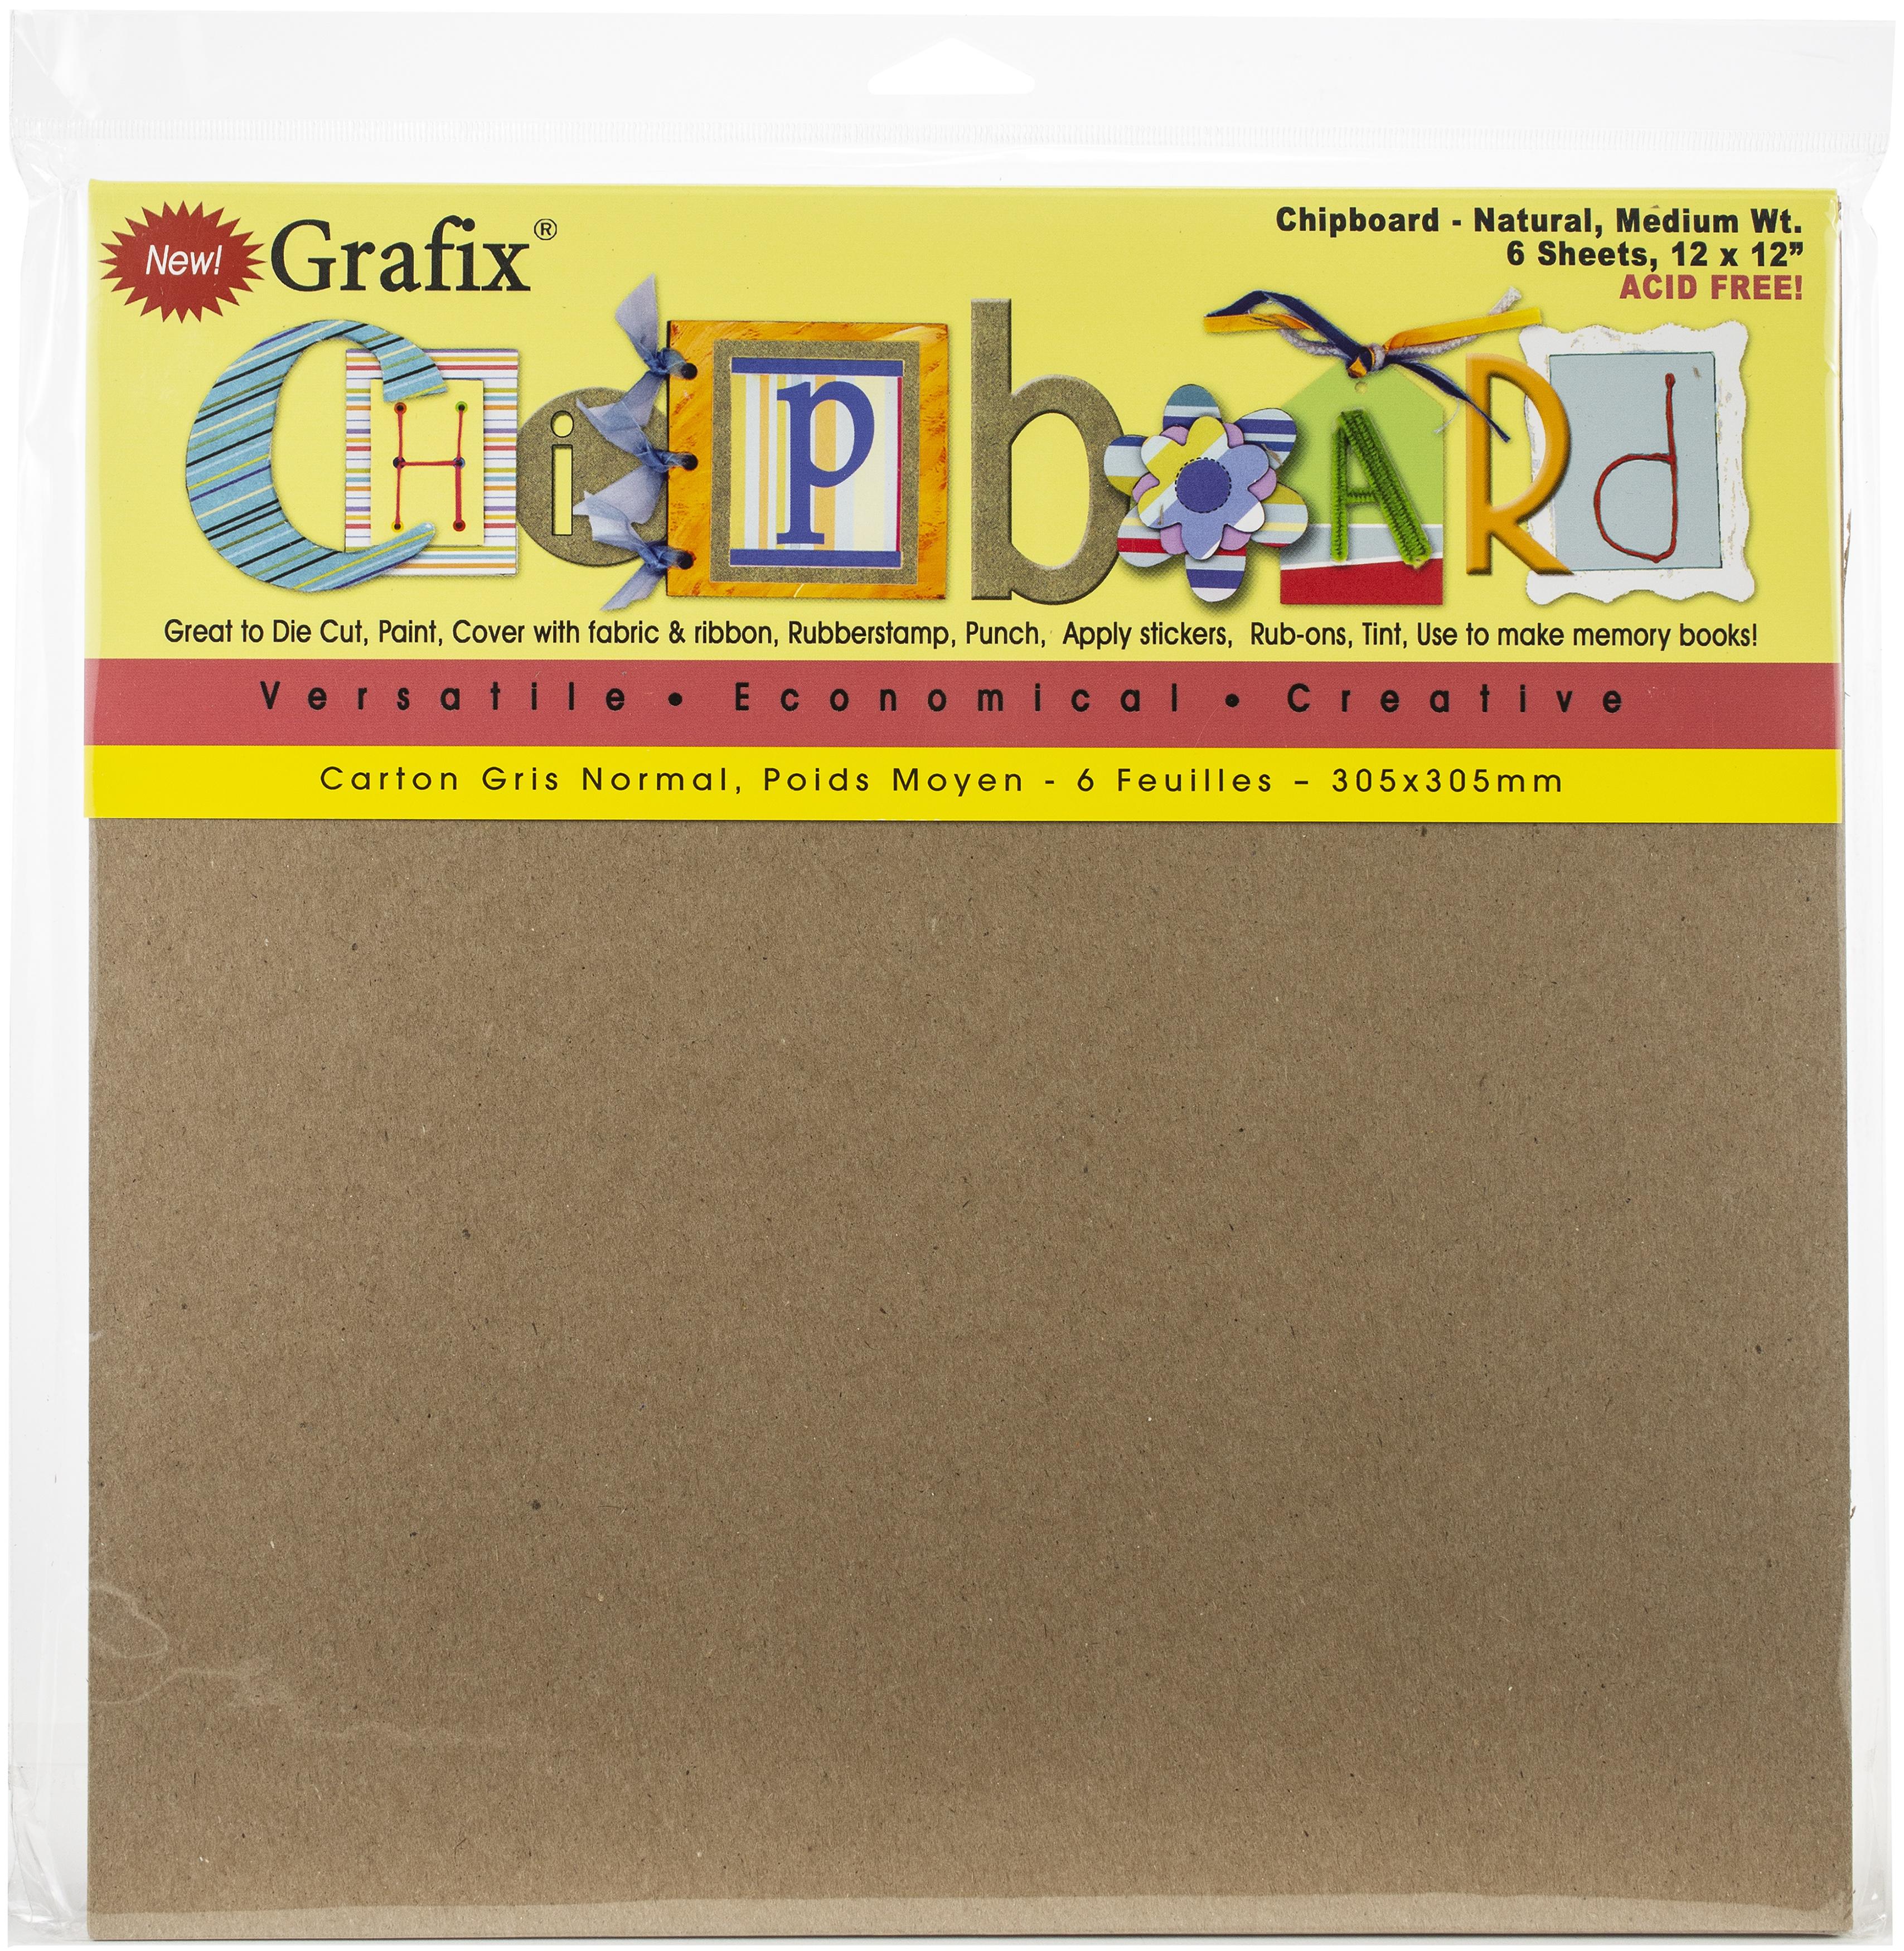 Chipboard Sheets Natural 12x12